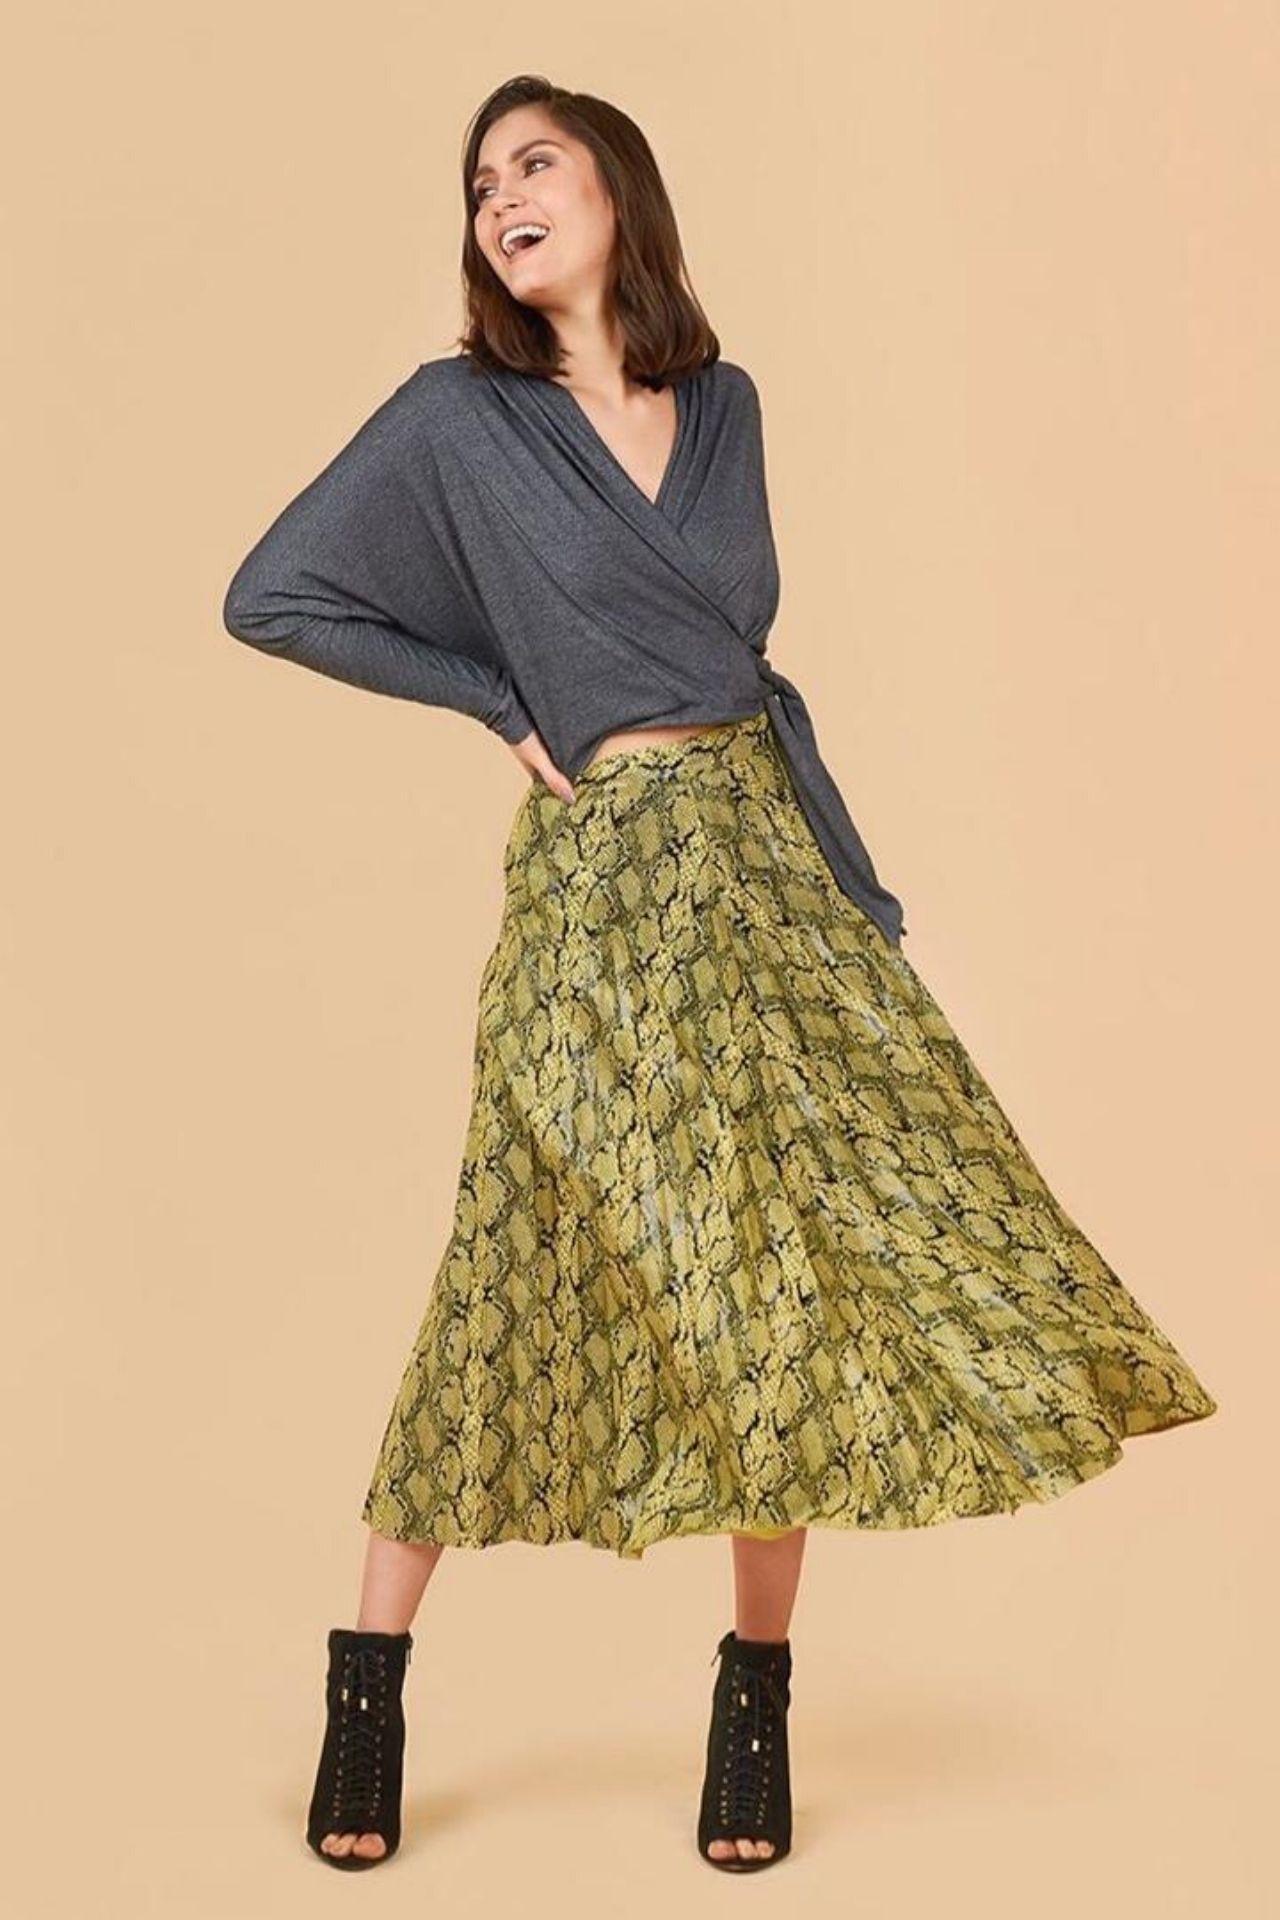 Falda de material Raso estampado plizado.  La plie pitón es un must que debe estar en tu closet, ya que puede ser usado para toda ocación, ya sea para el día a díao para un día especial.